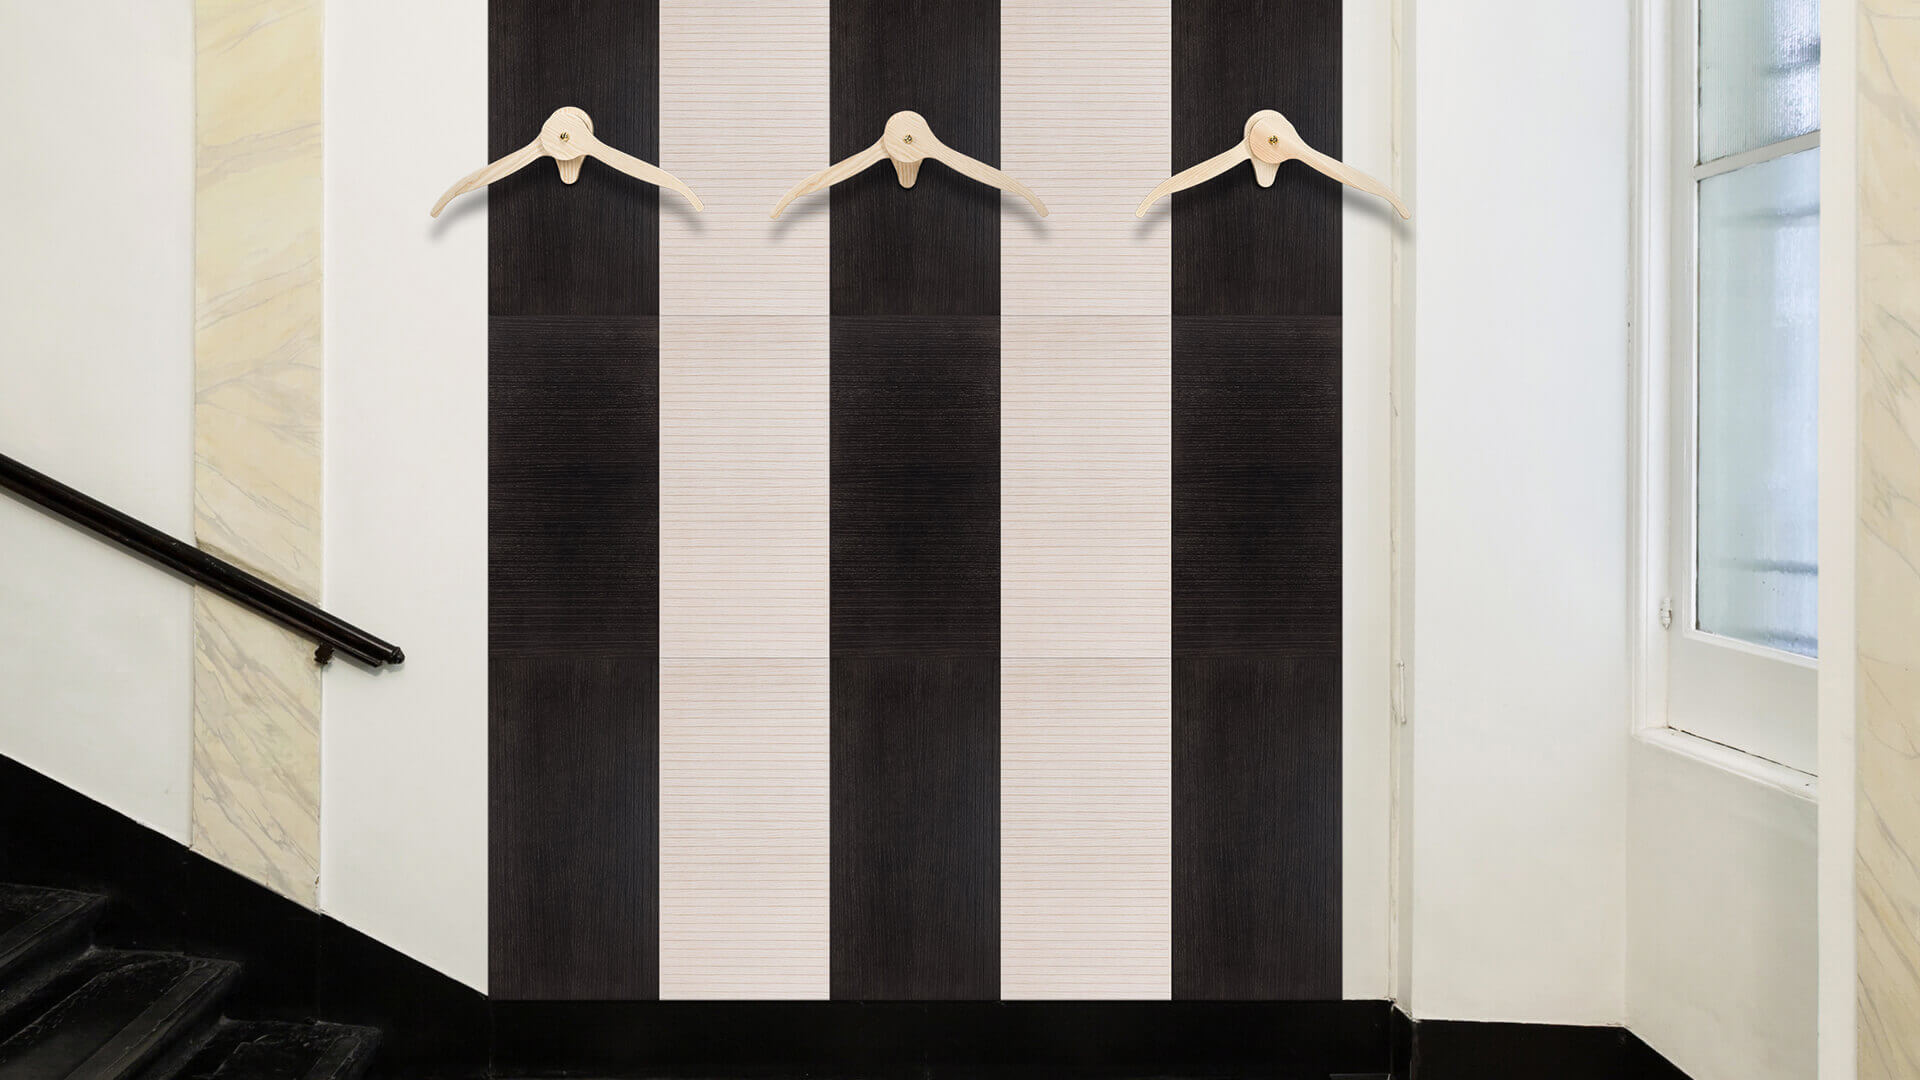 Pannelli decorativi in legno palladio majordomo - Pannelli decorativi legno ...